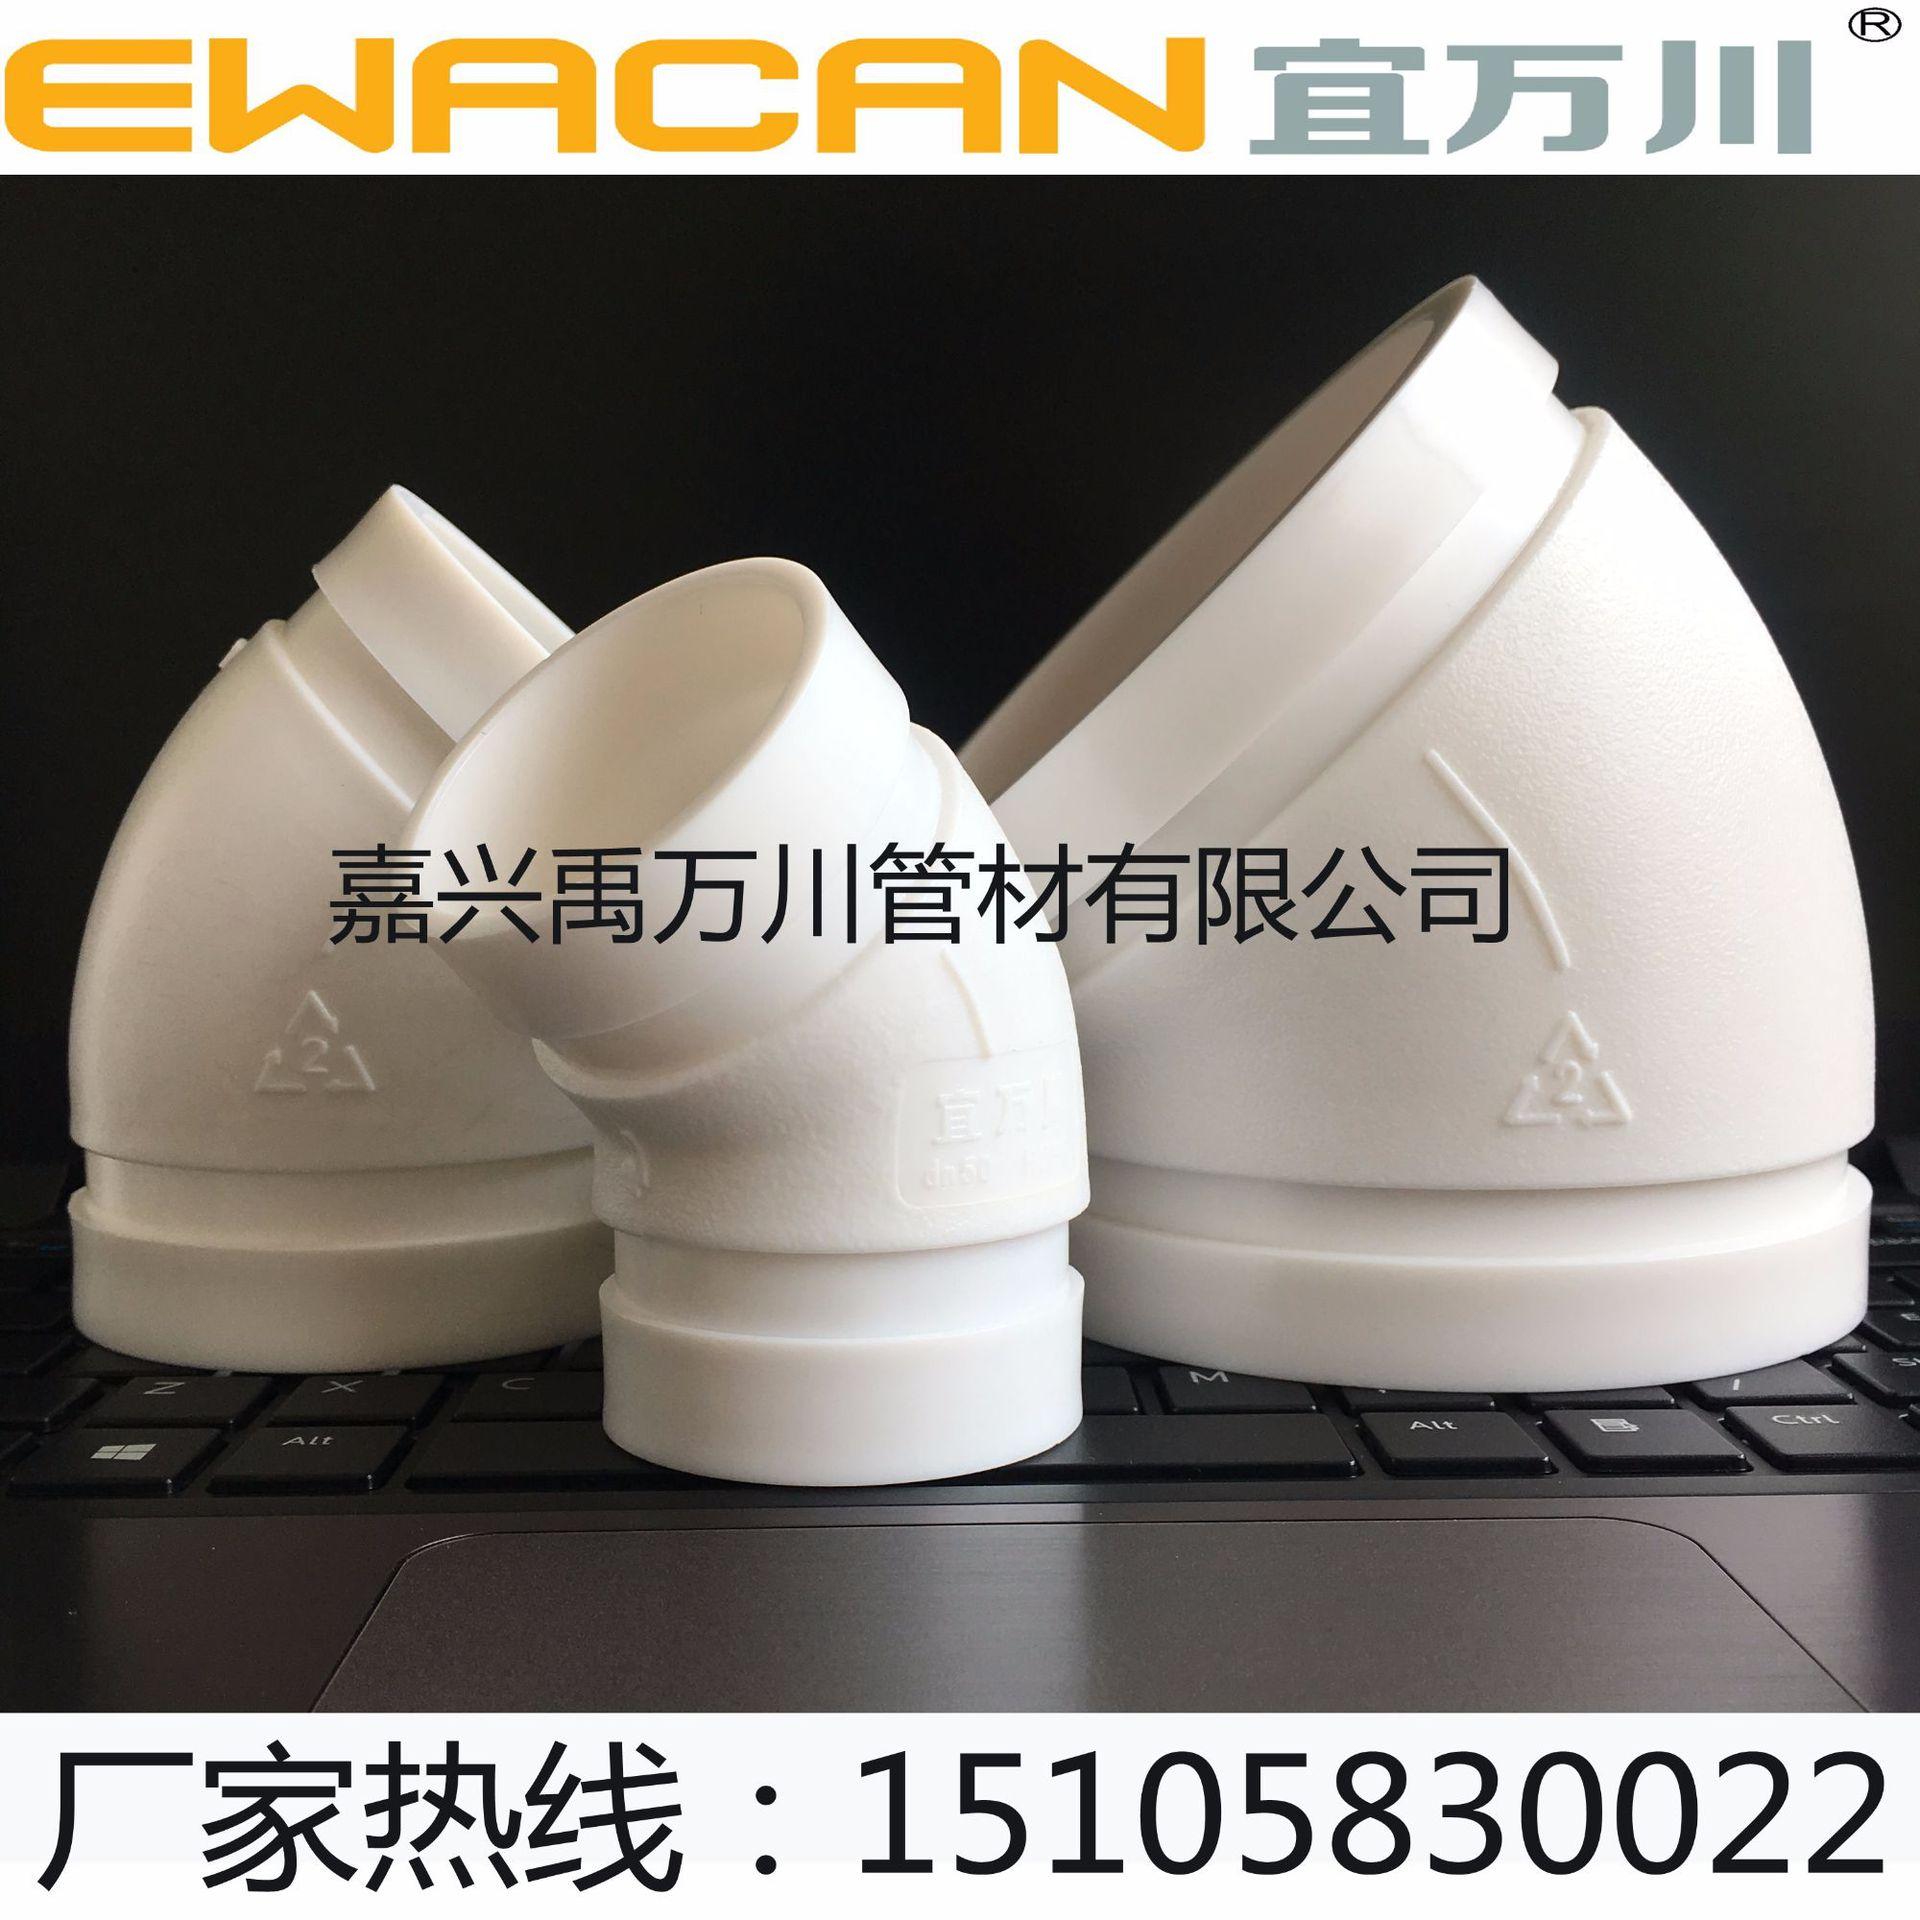 沟槽式HDPE超静音排水管,高密度聚乙烯ABS压环卡箍柔性连接示例图3